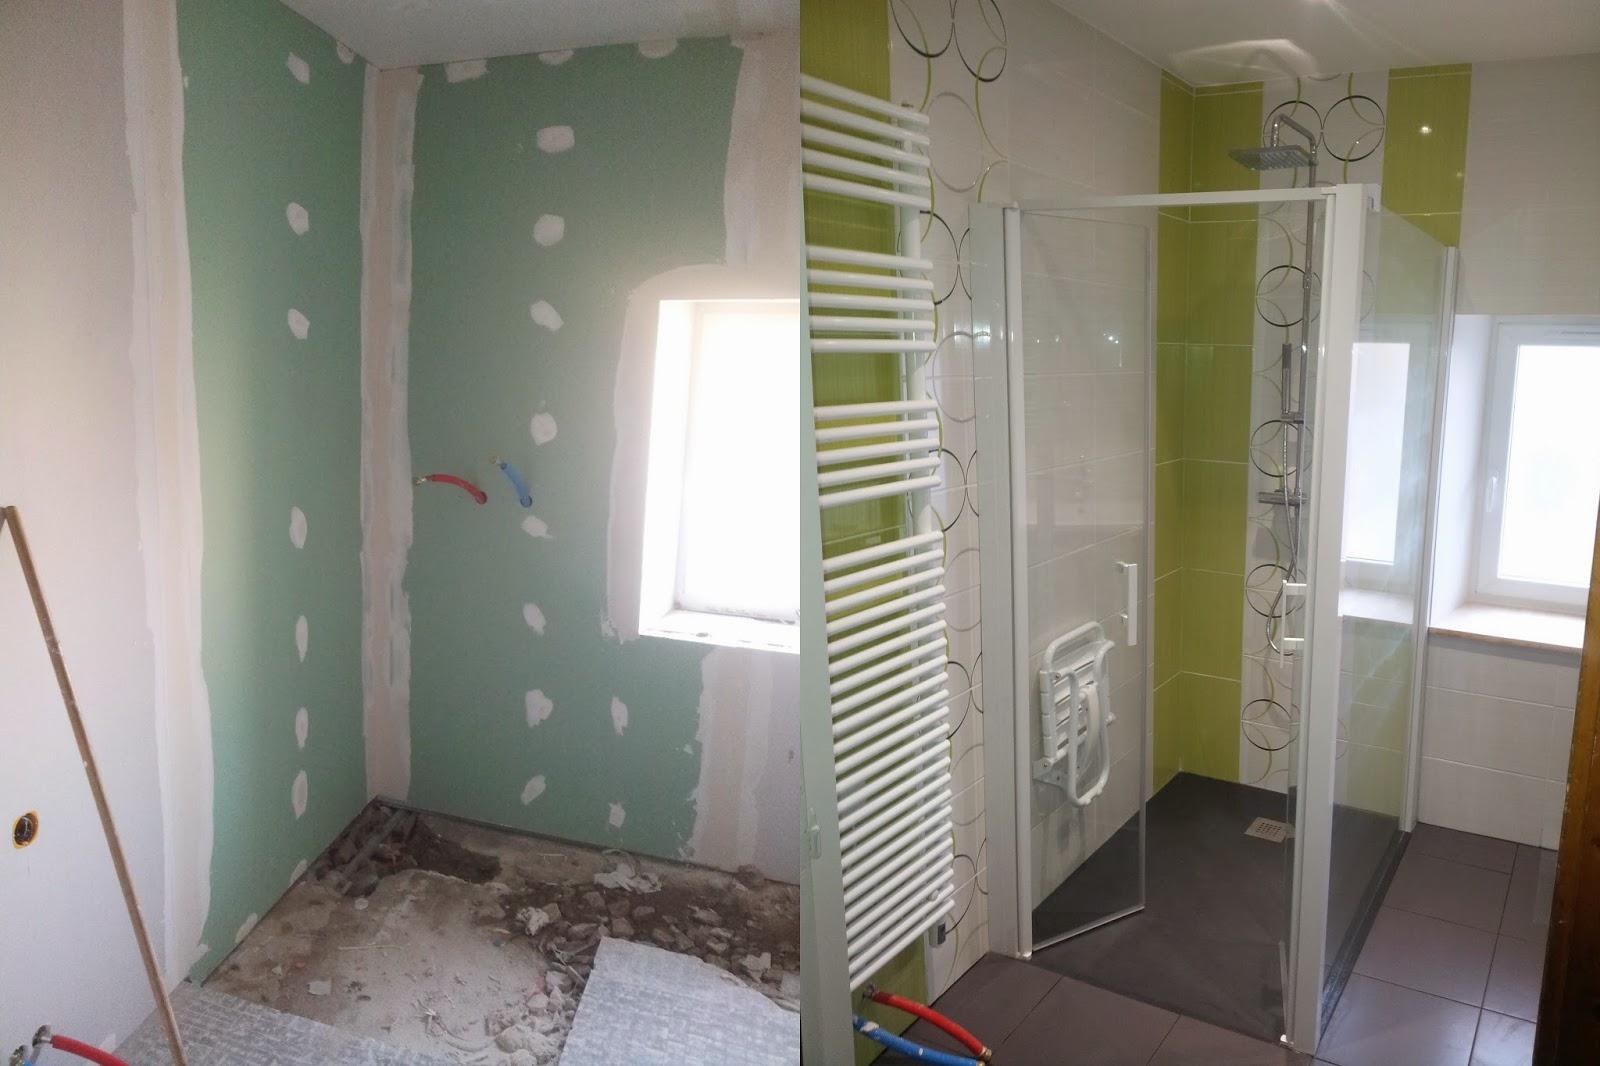 Habillage mur salle de bain photographs galerie d - Habillage mural salle de bain ...